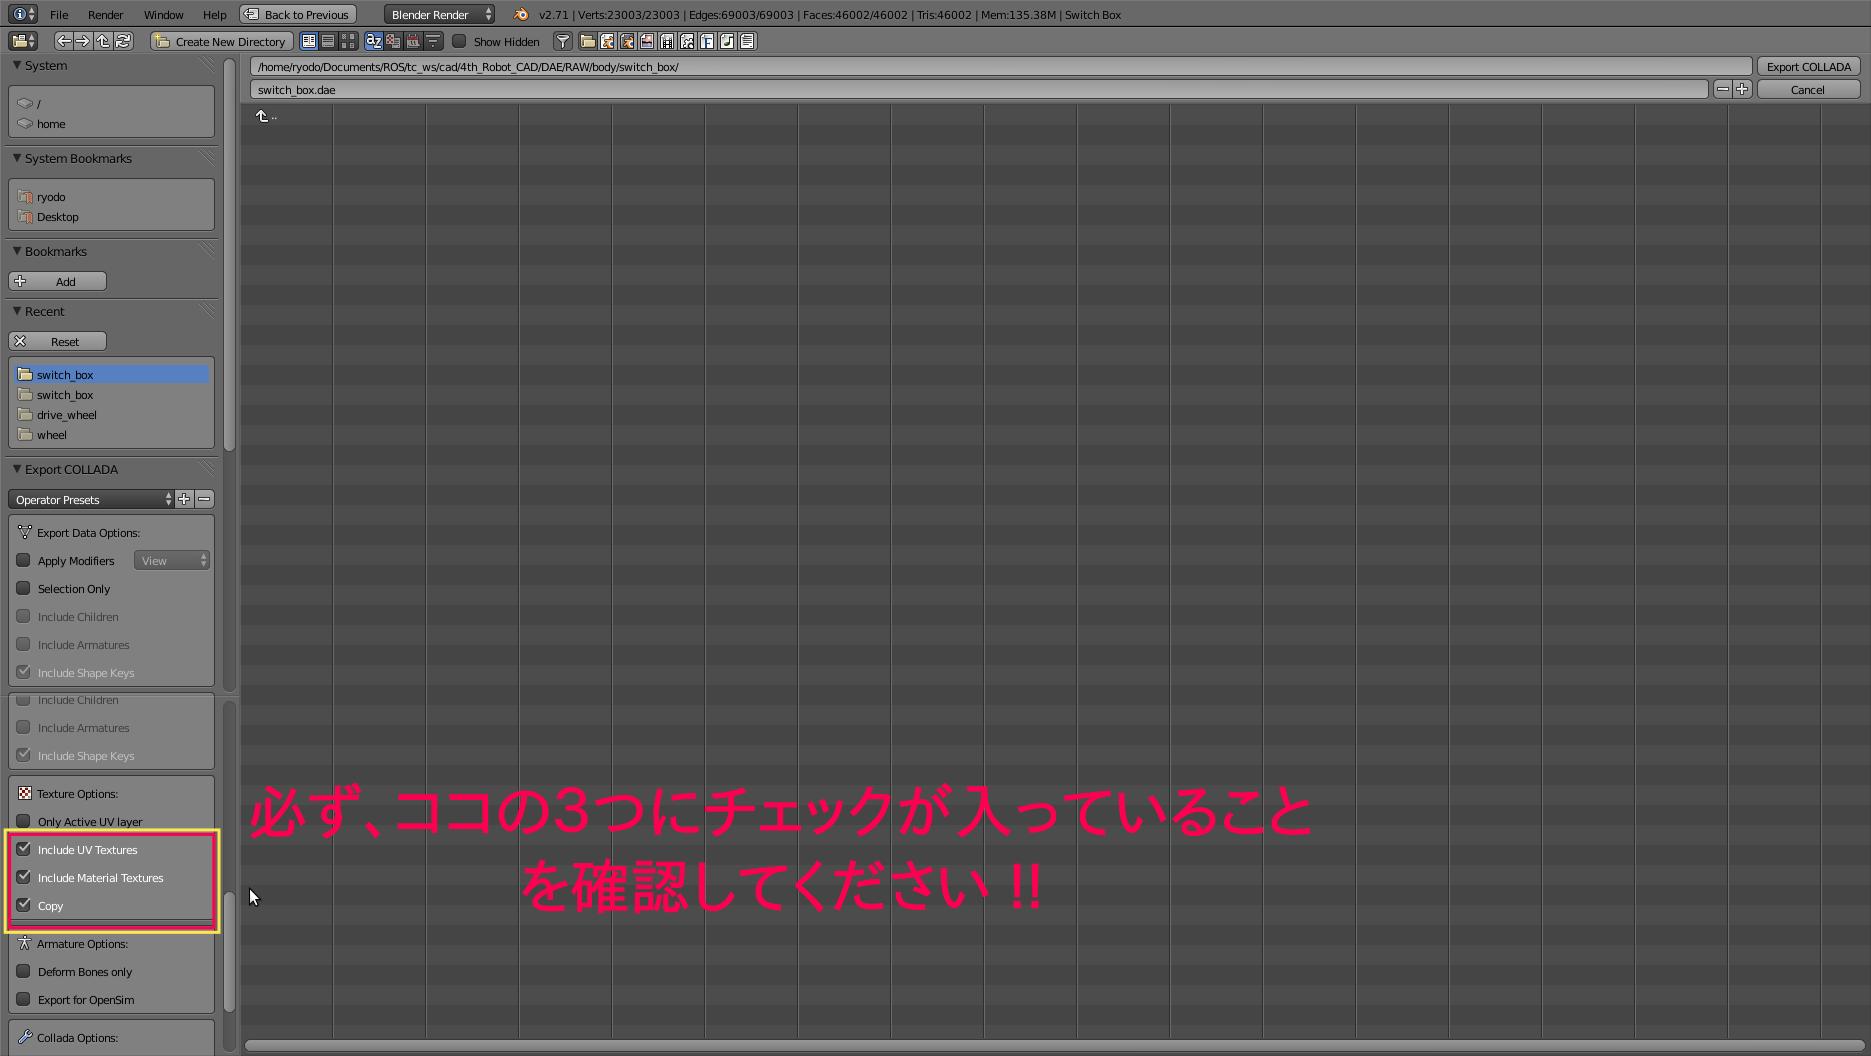 Screenshot 2016-03-28 16:24:56-edit.png